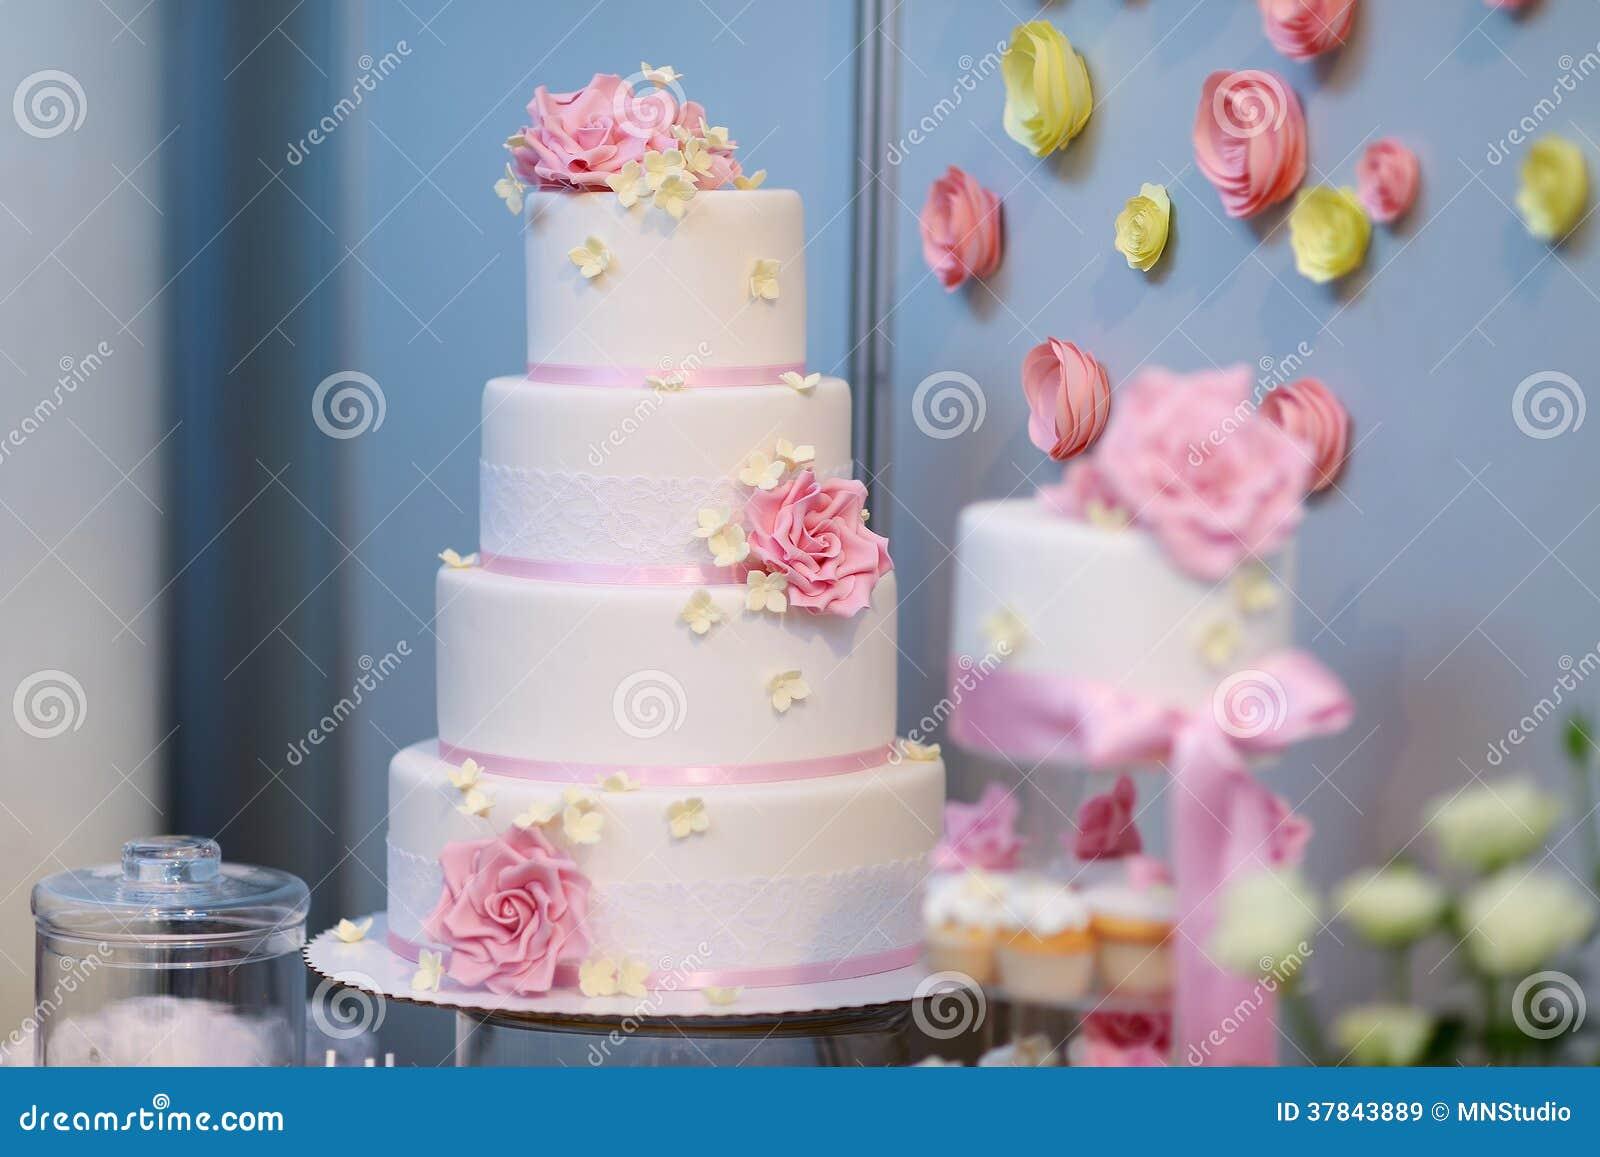 Gâteau De Mariage Blanc Décoré Des Fleurs Roses Image Stock